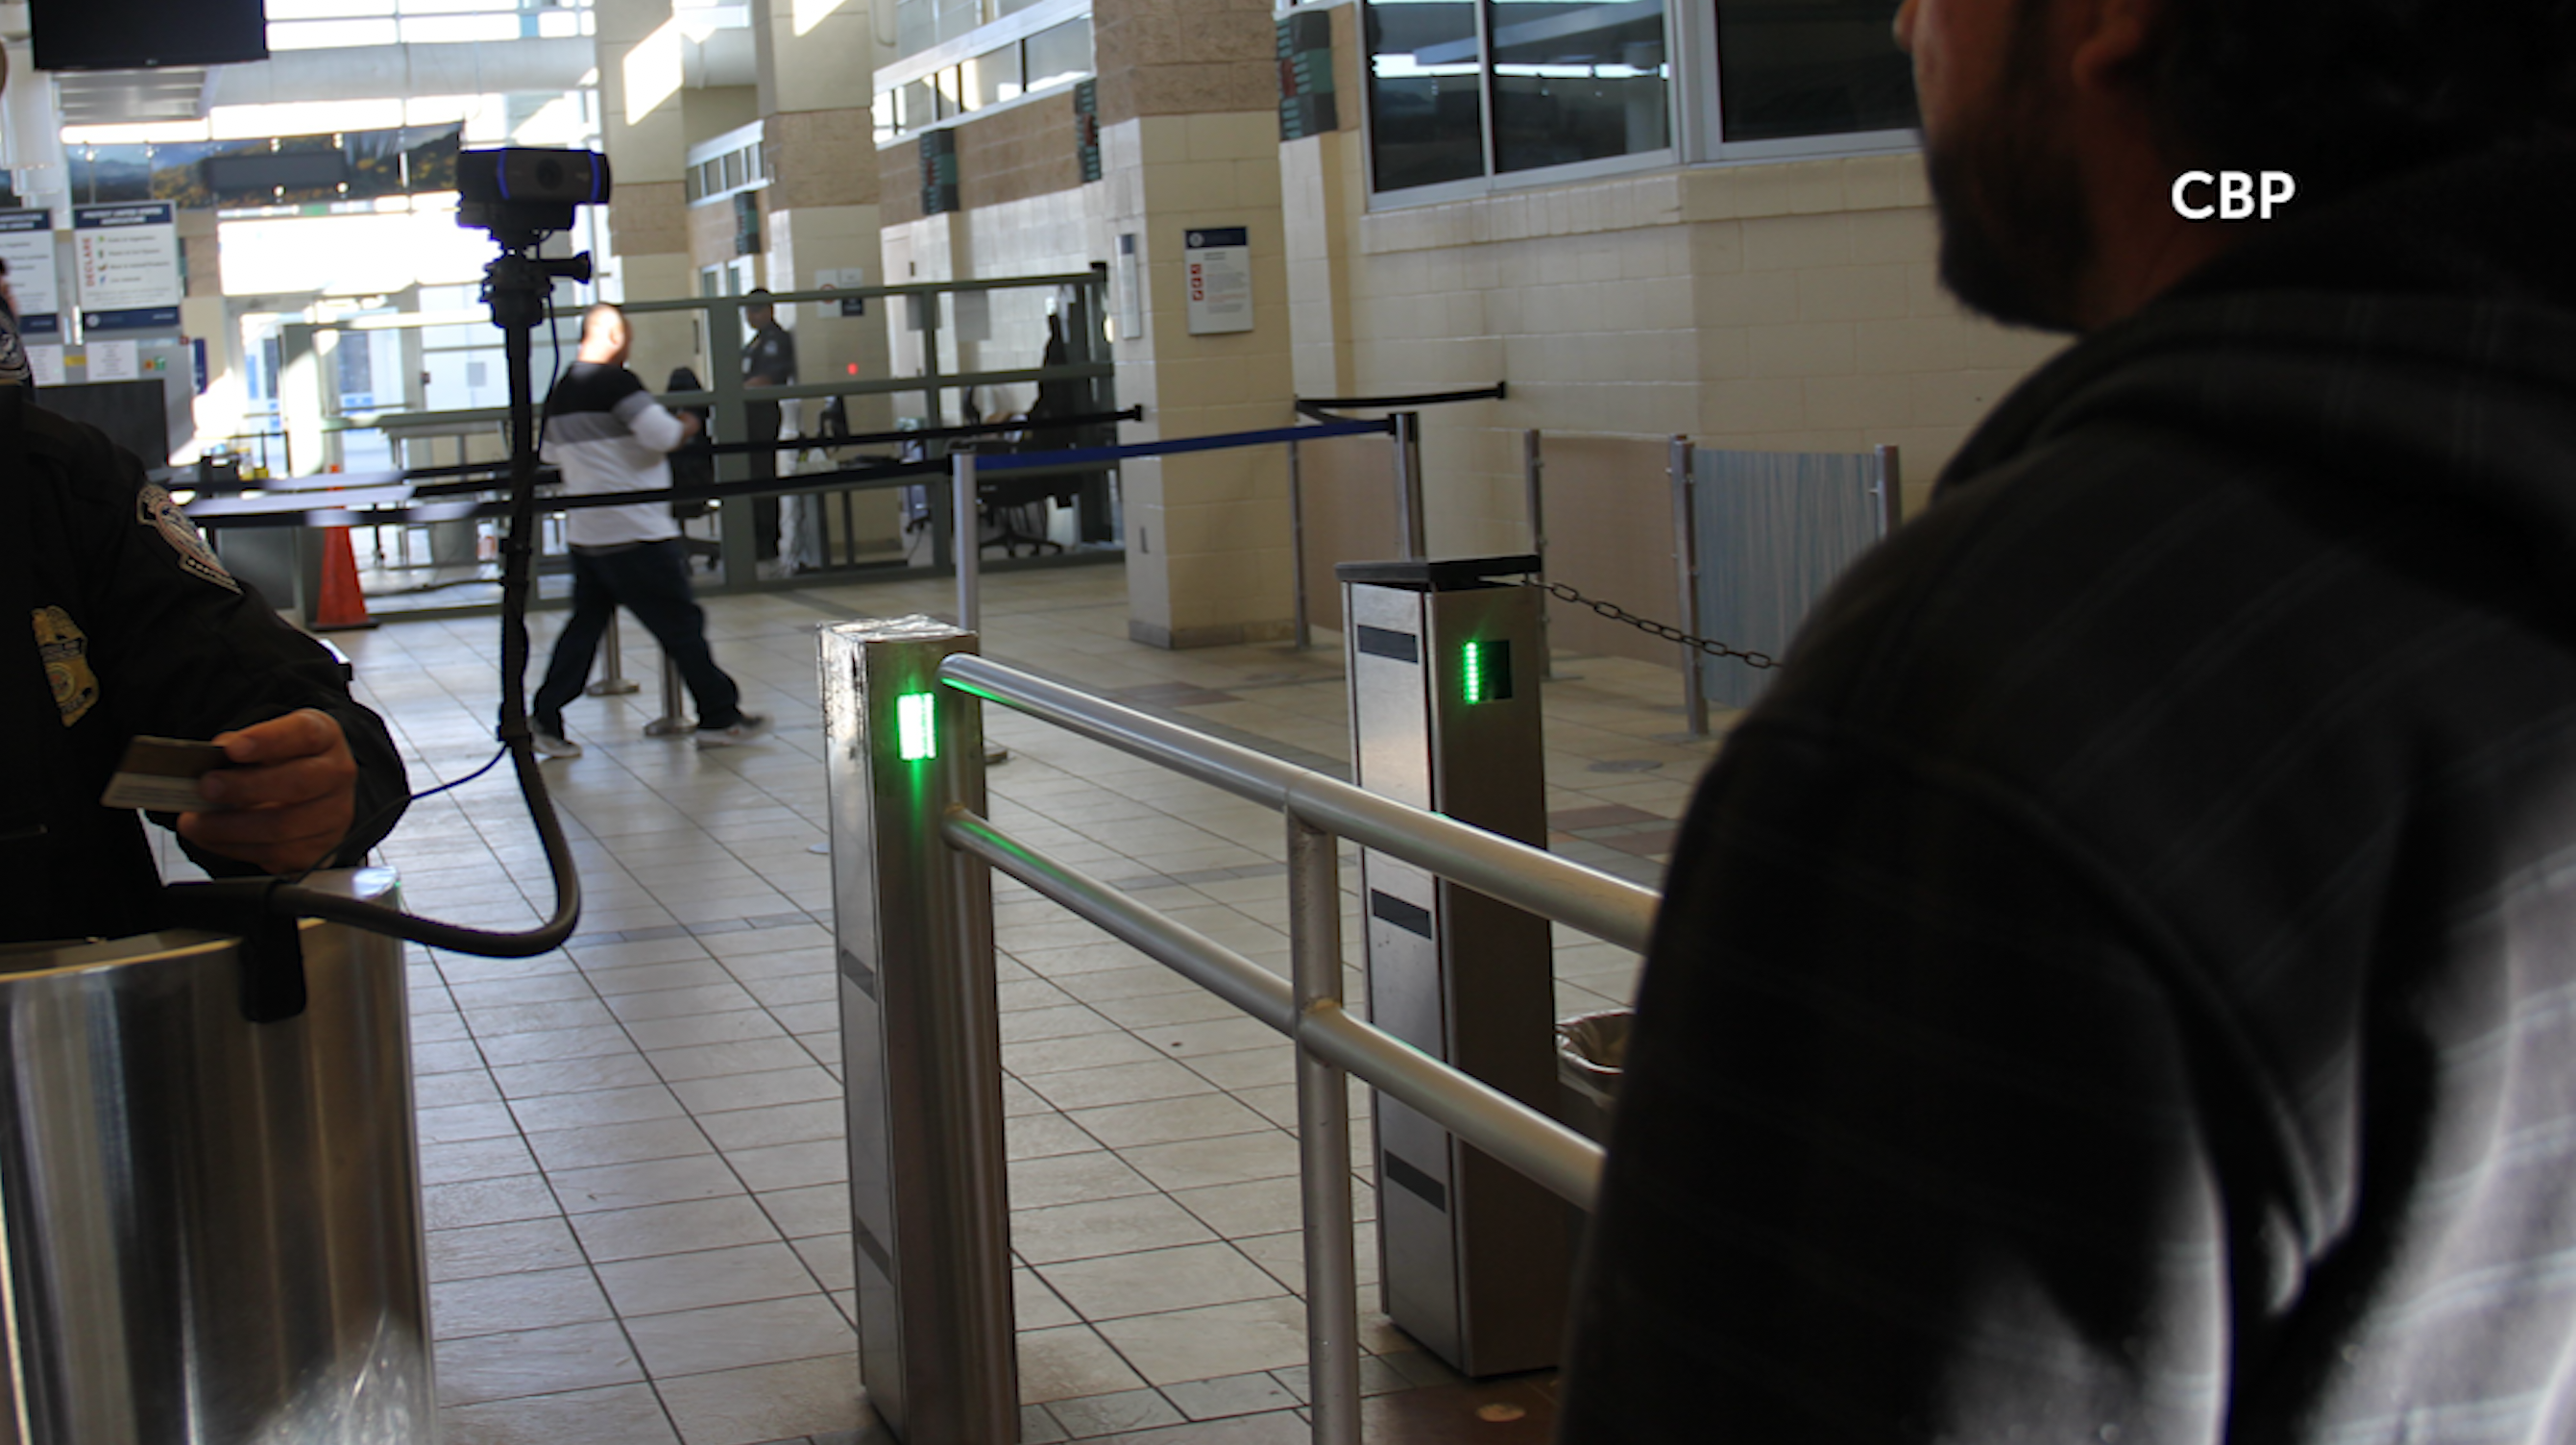 CBP facial recognition